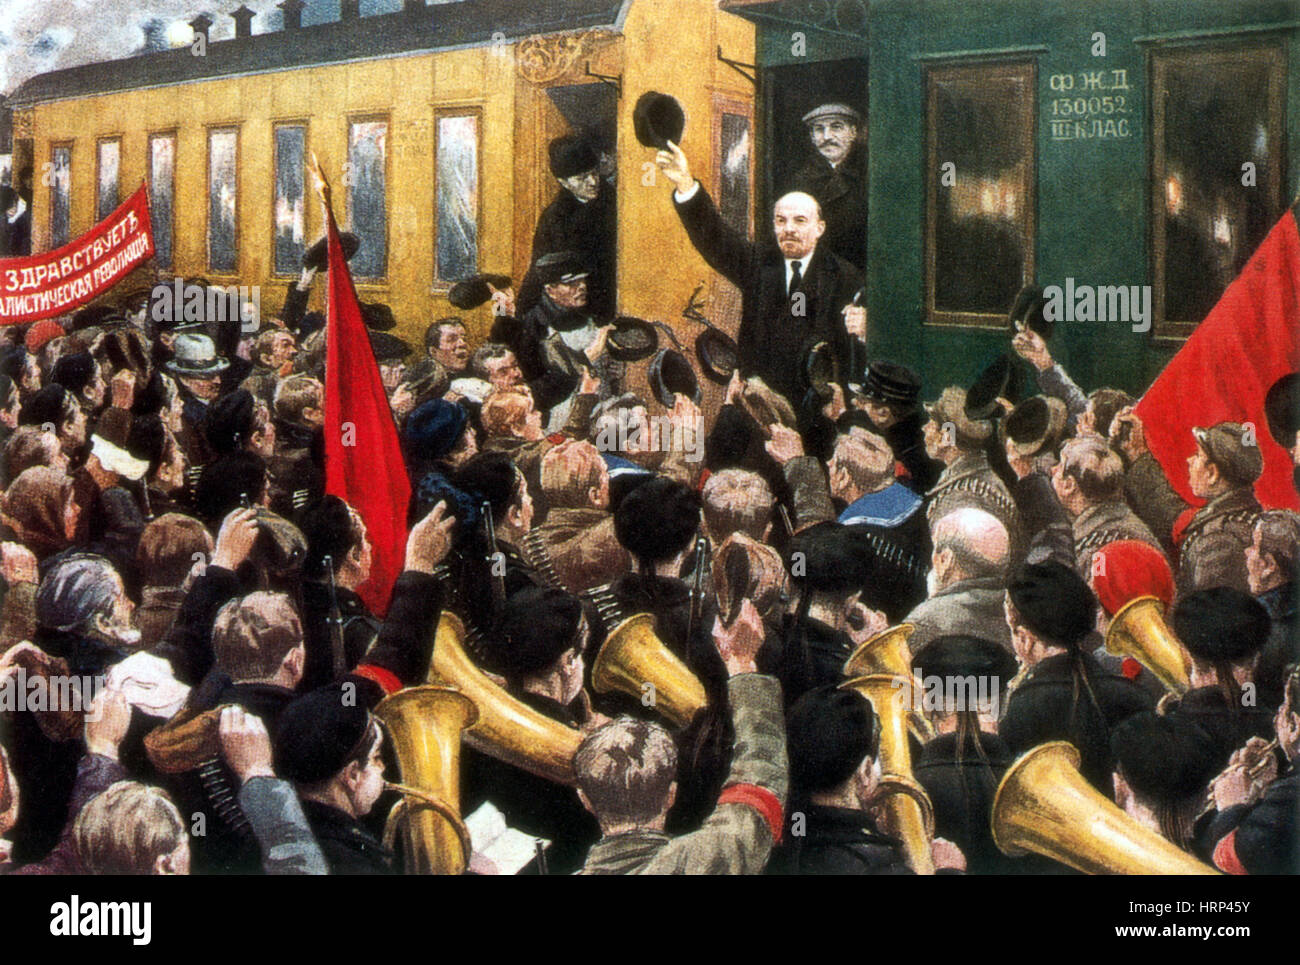 Vladimir Lenin Returns from Exile, 1917 - Stock Image